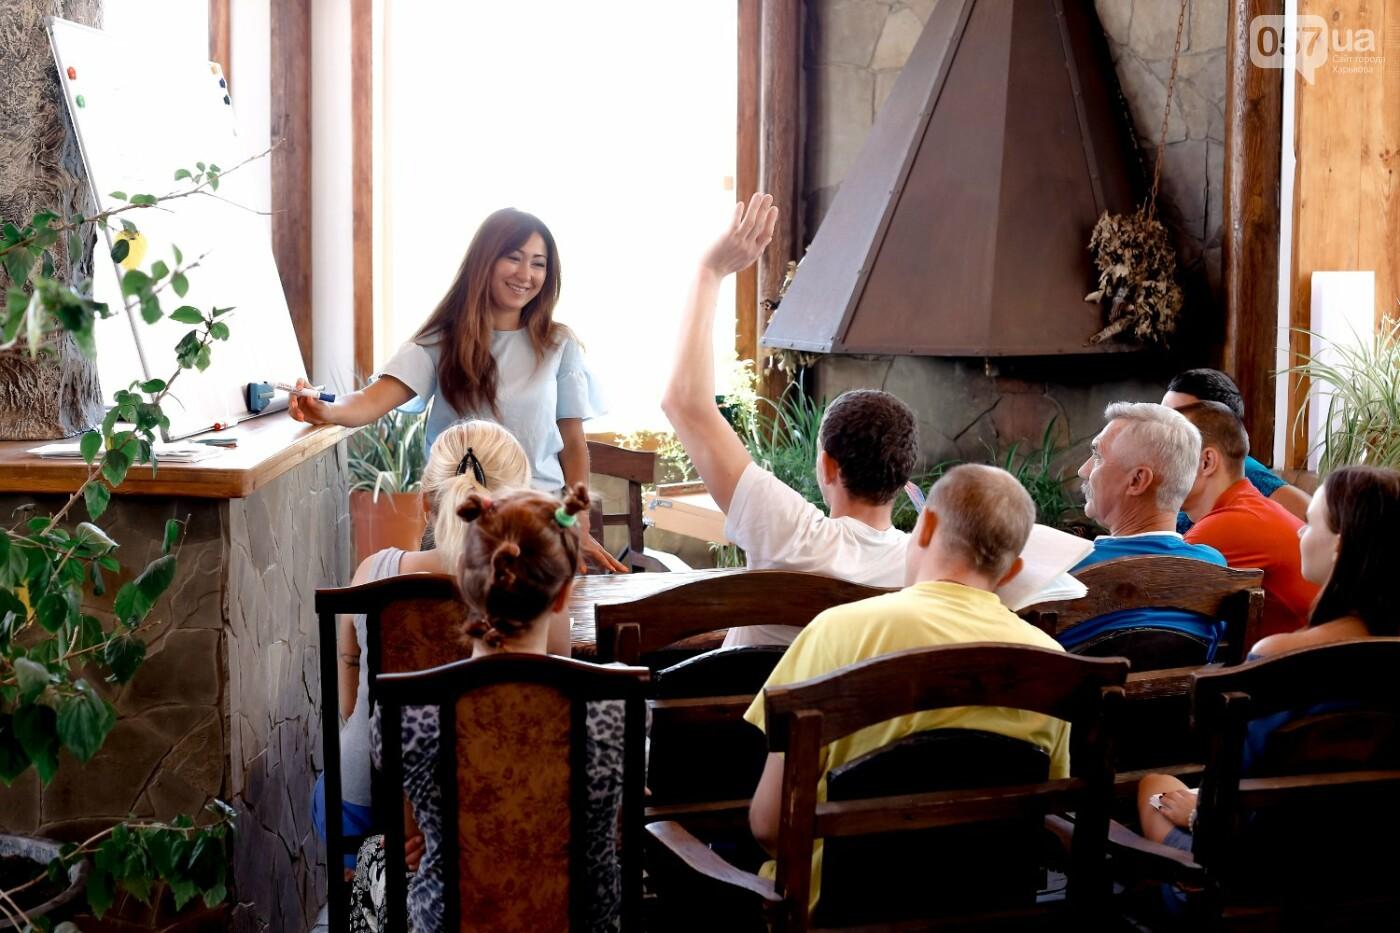 Реабилитационные центры в Харькове, лечение наркомании, лечение алкоголизма, фото-36